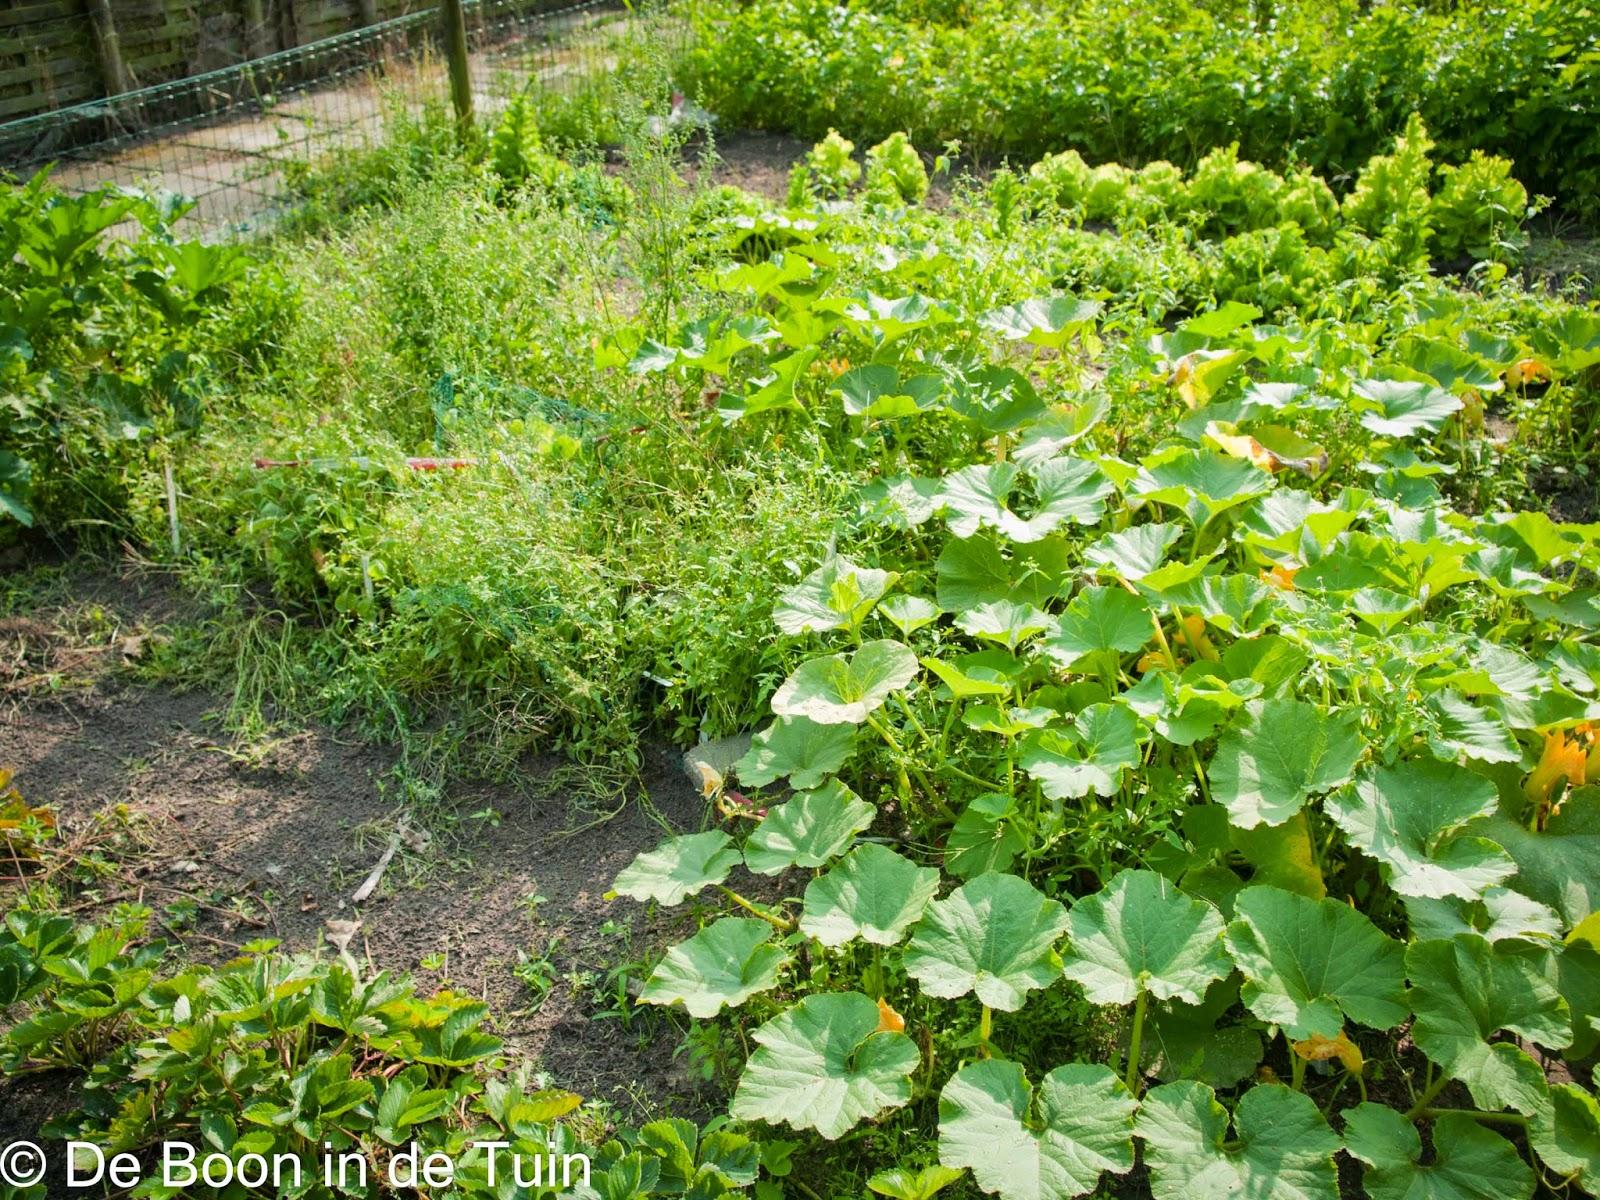 moestuin overzicht boerenkool spruiten andijvie courgettes